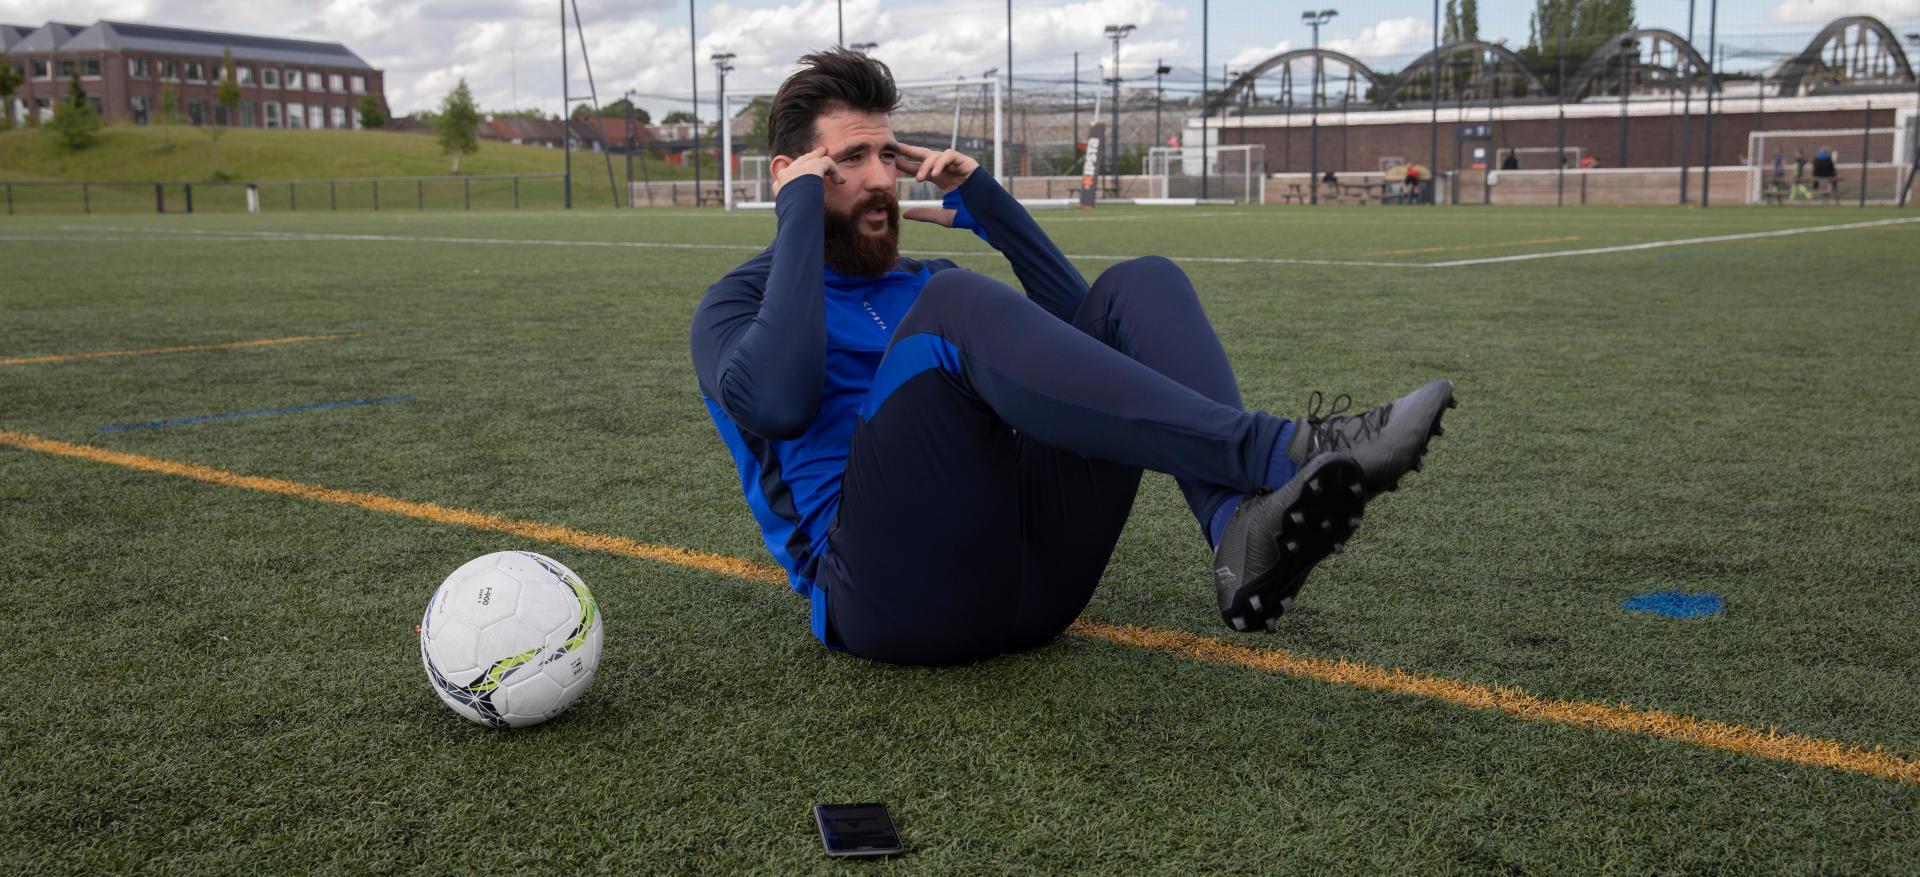 Les-avantages-de-s'entretenir-pendant-la-coupure-du-football